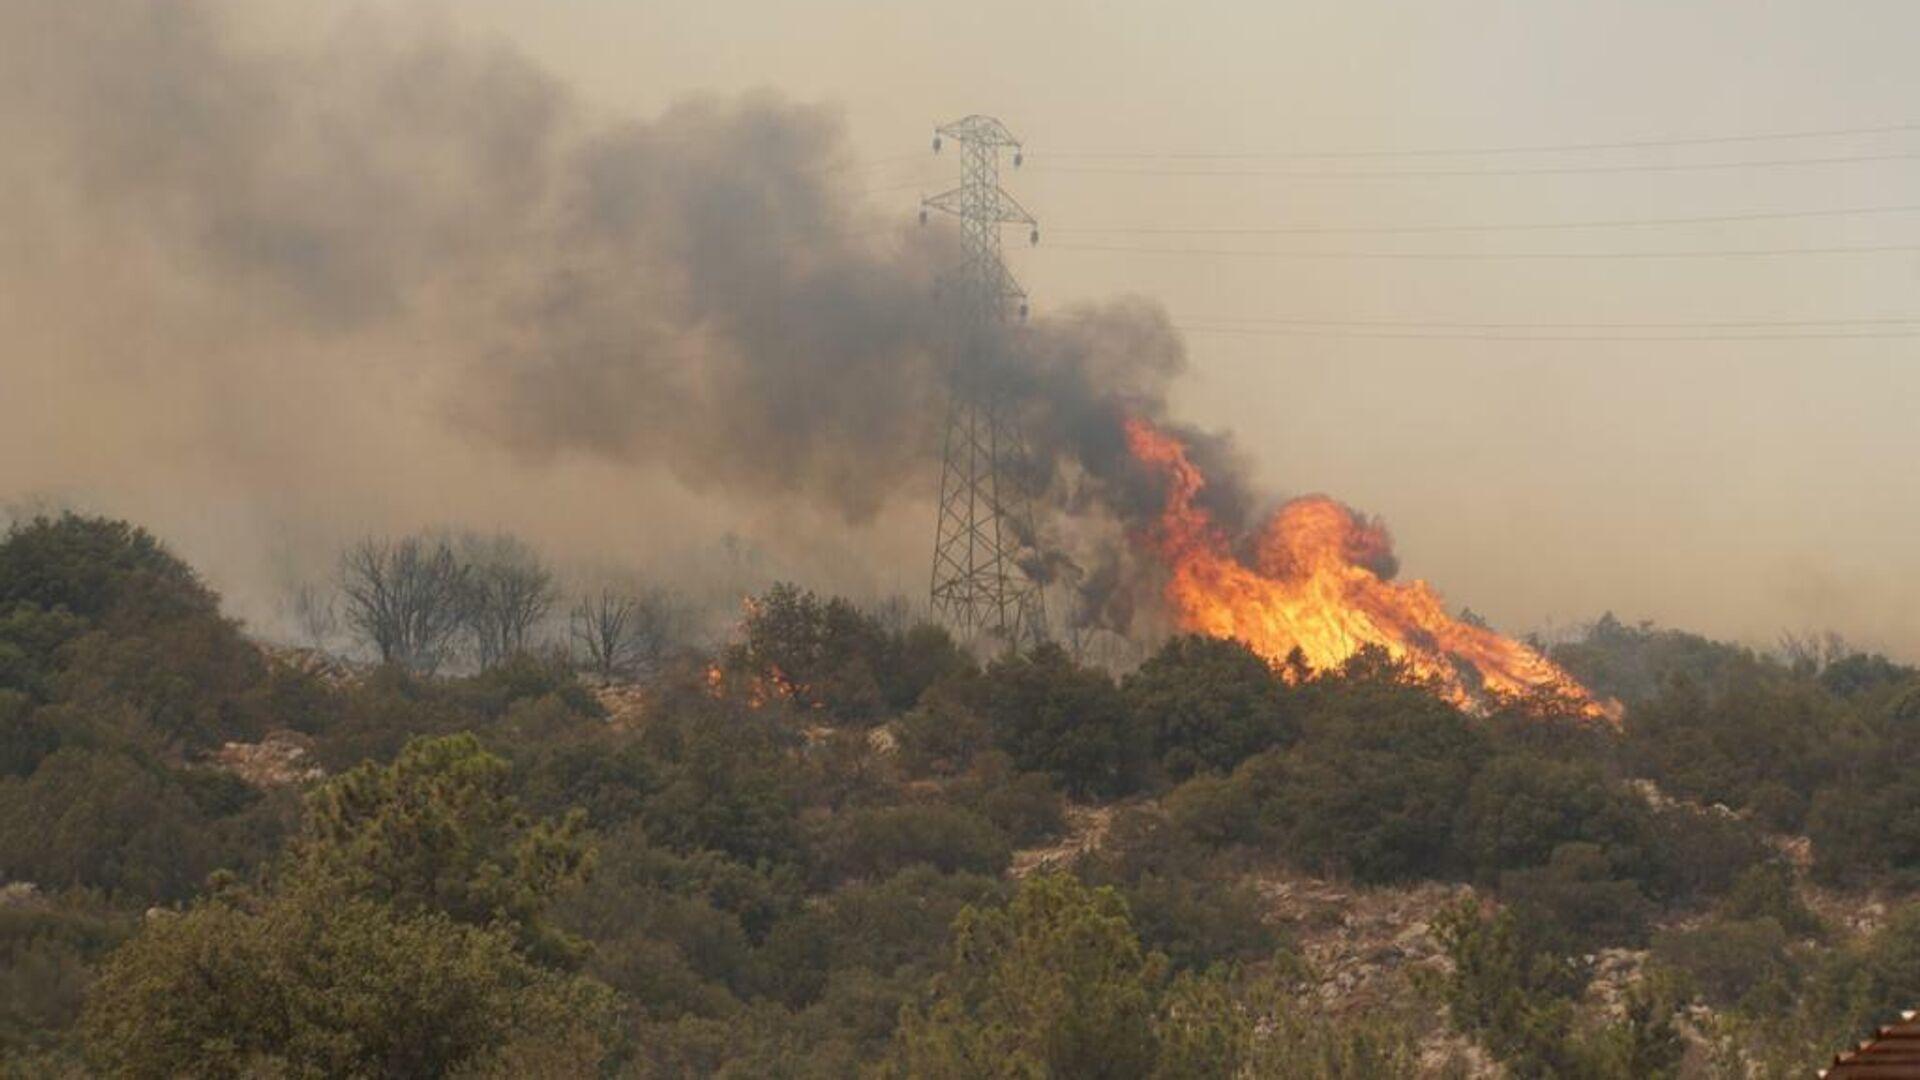 Incendios forestales en Turquía - Sputnik Mundo, 1920, 01.08.2021